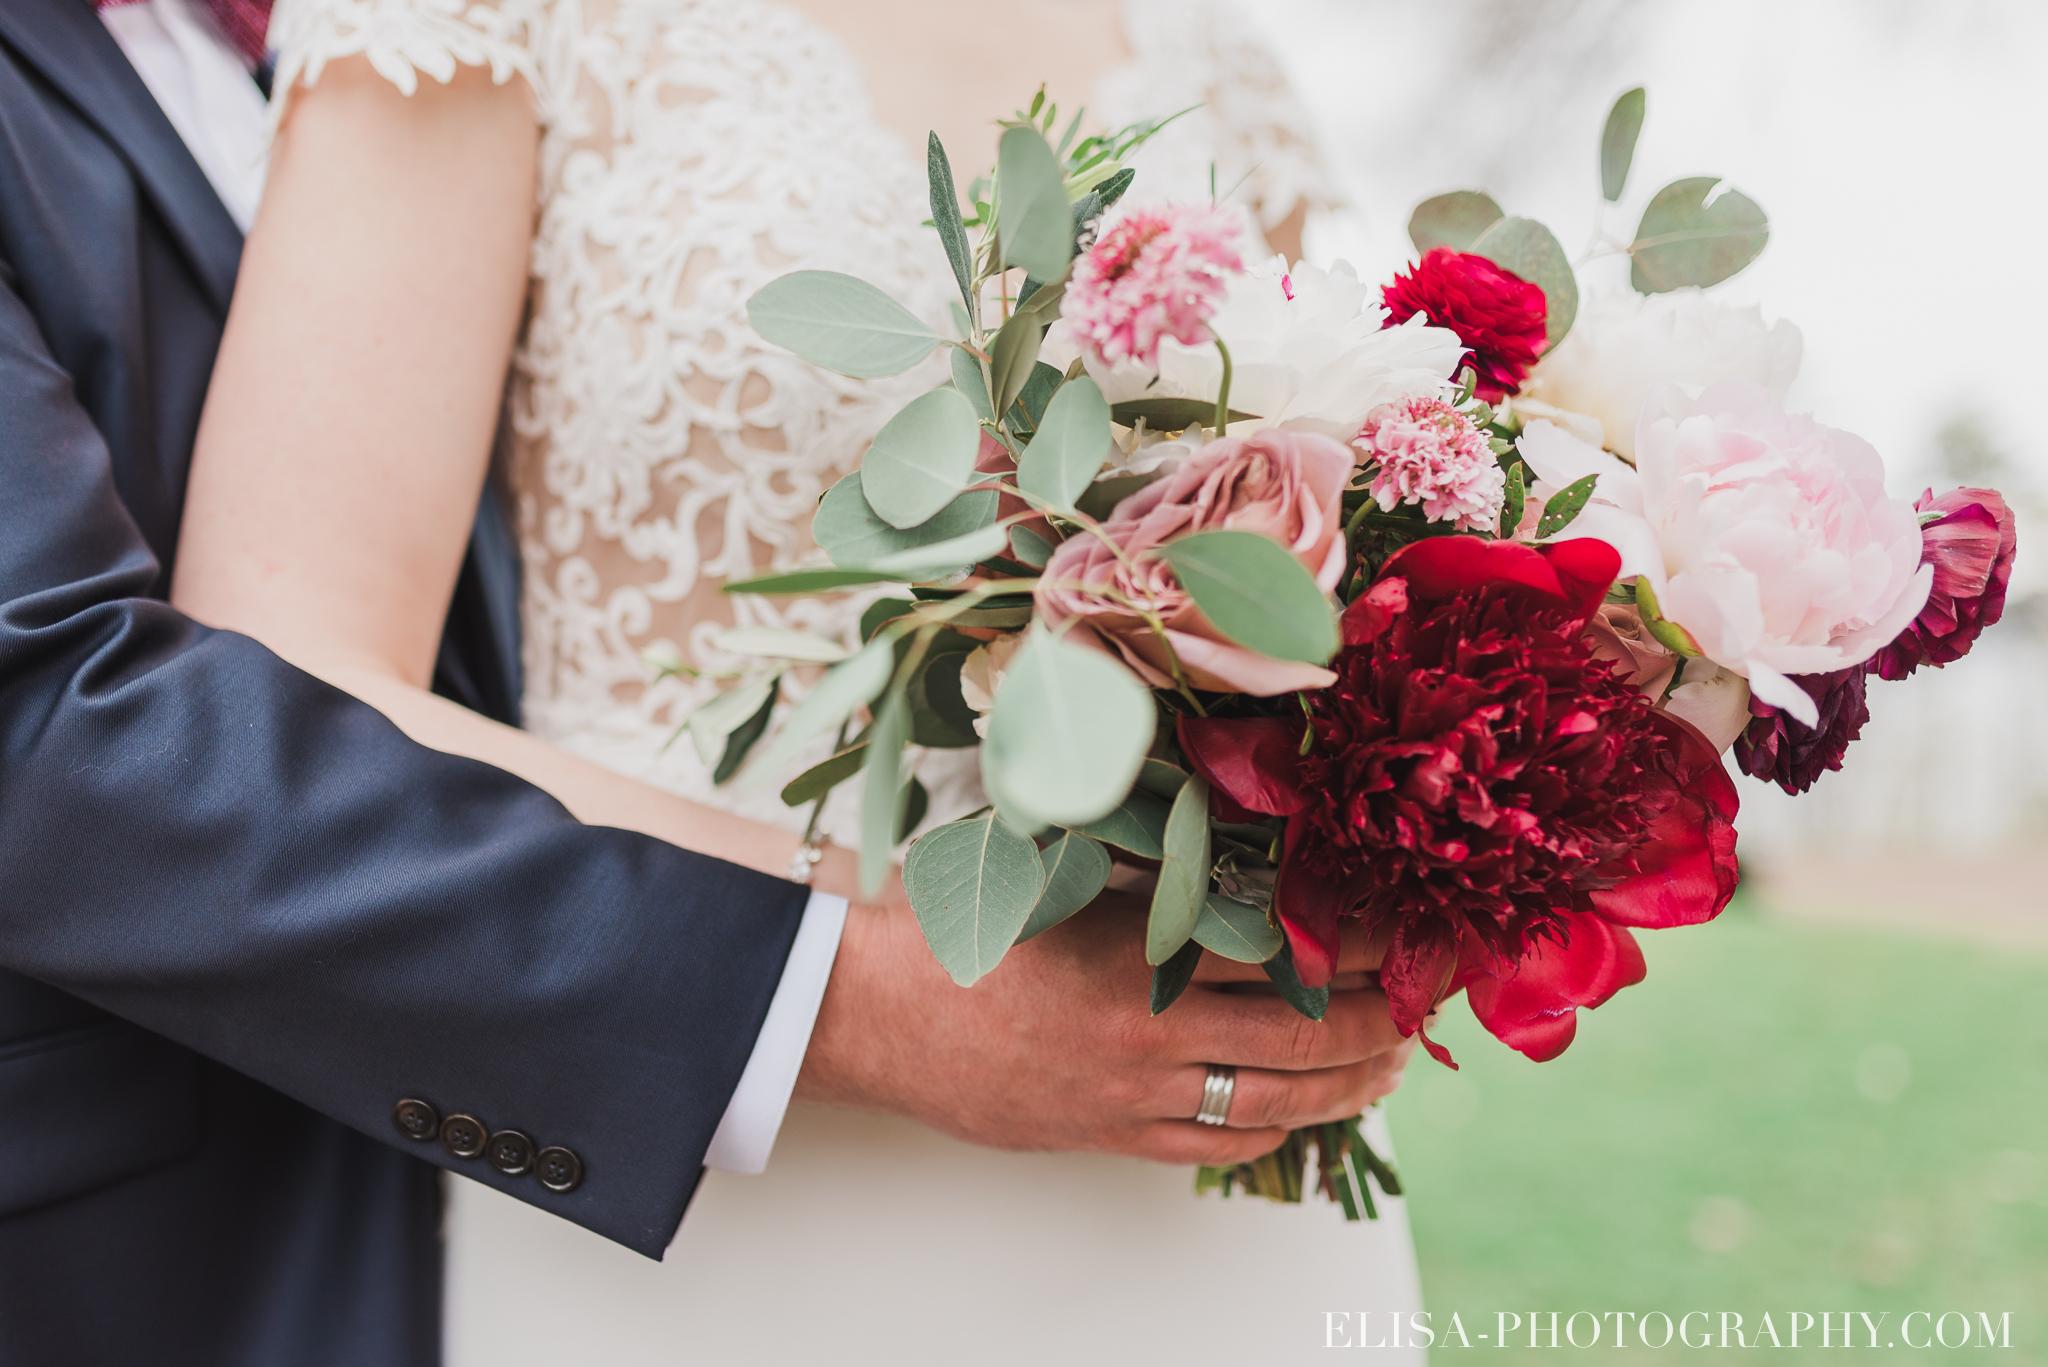 photo mariage quebec domaine cataraqui elisa photographe fleur d europe 9783 - Mariage élégant et discret au coeur du magnifique Domaine Cataraqui, Québec